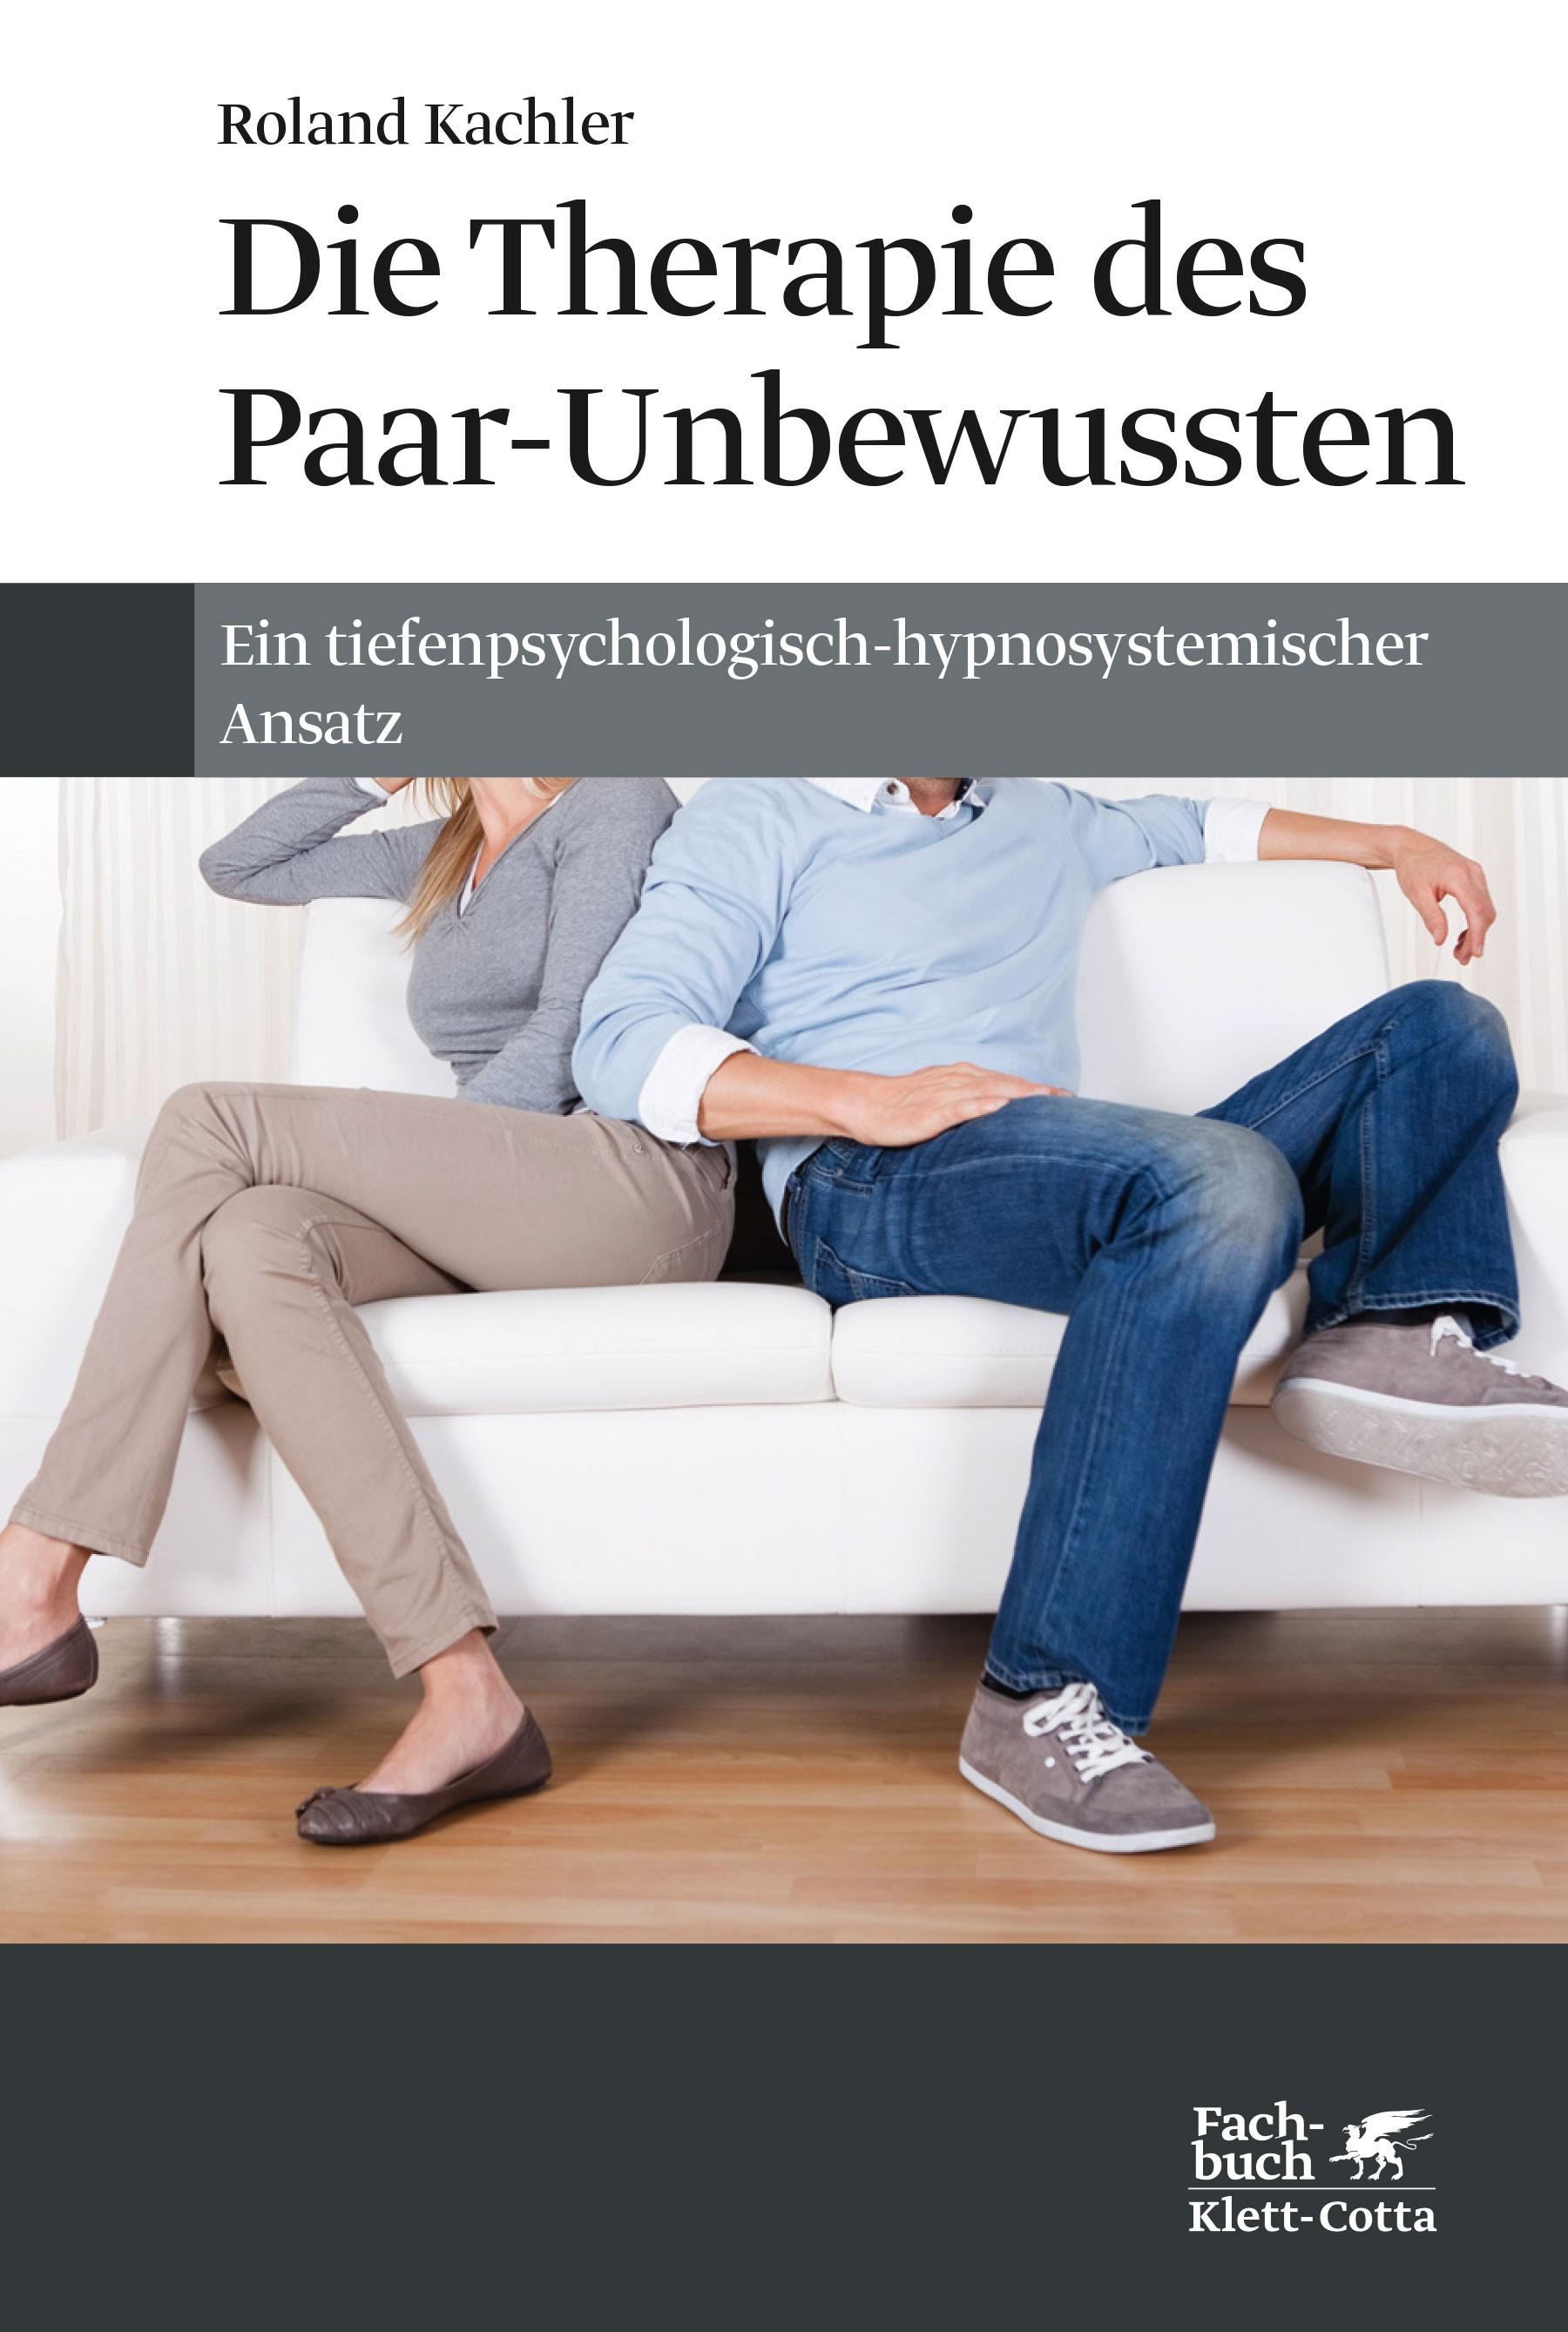 Die Therapie des Paar-Unbewussten | Kachler | 1. Aufl., 2015 | Buch (Cover)